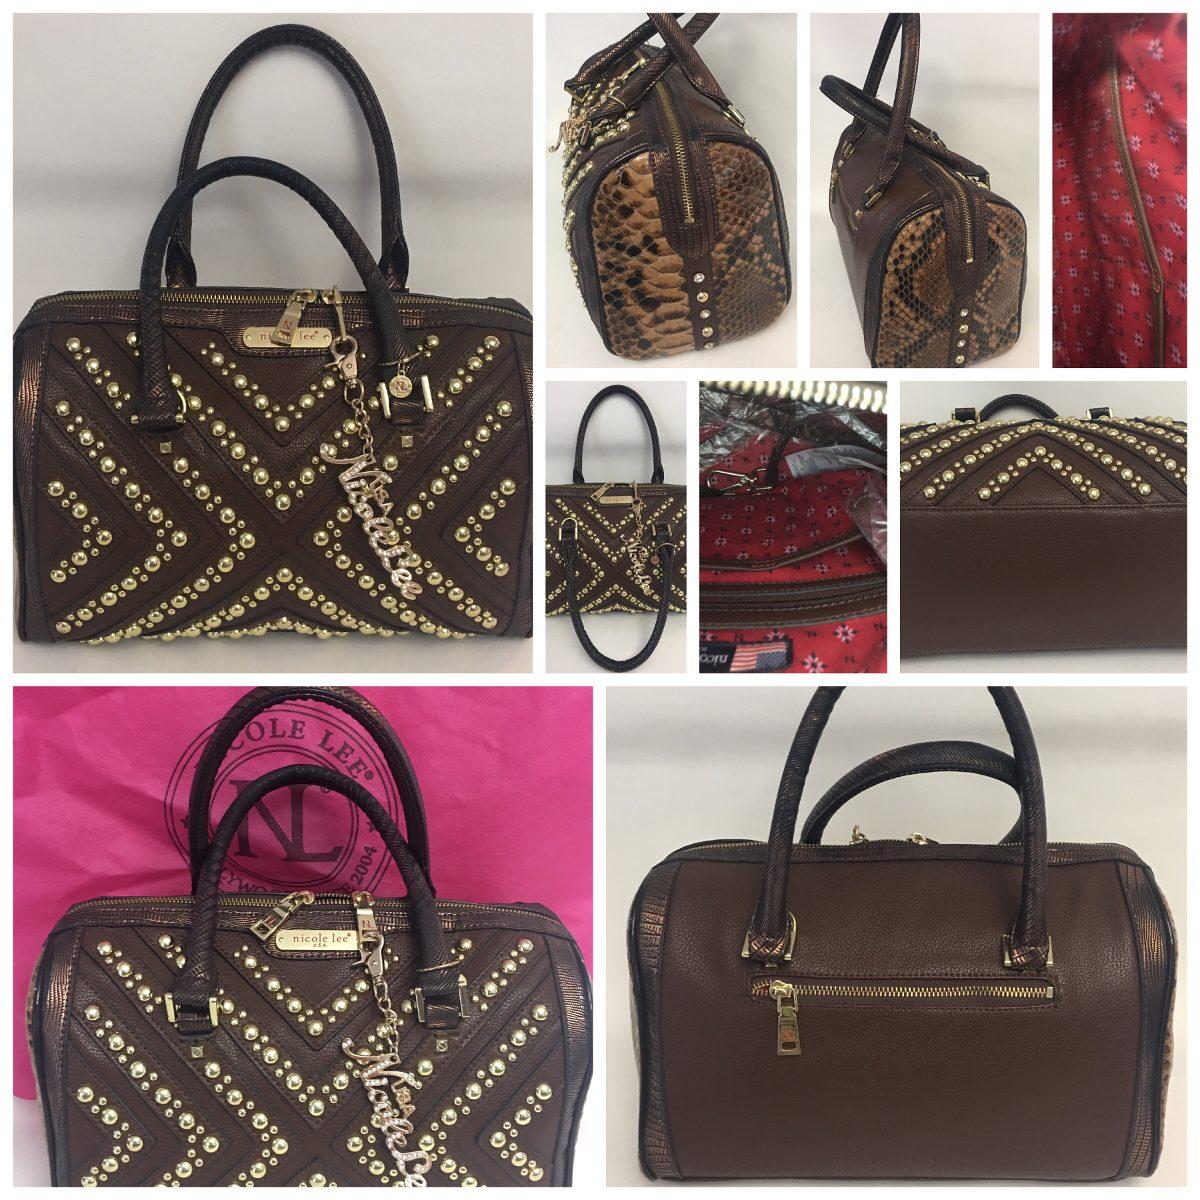 61a0c5239 Bolsa Nicole Lee Original Hermosa - $ 750.00 en Mercado Libre